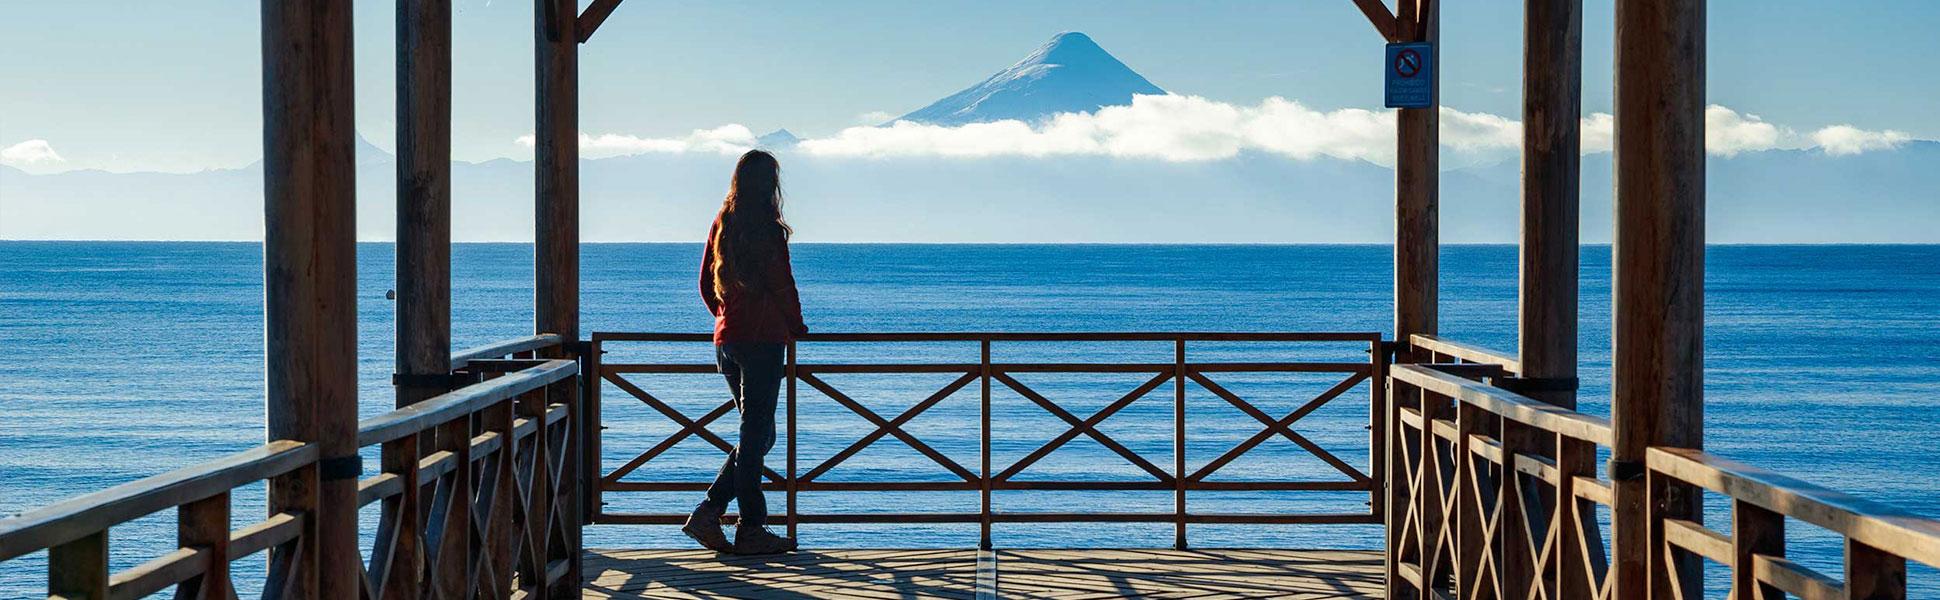 chile turismo